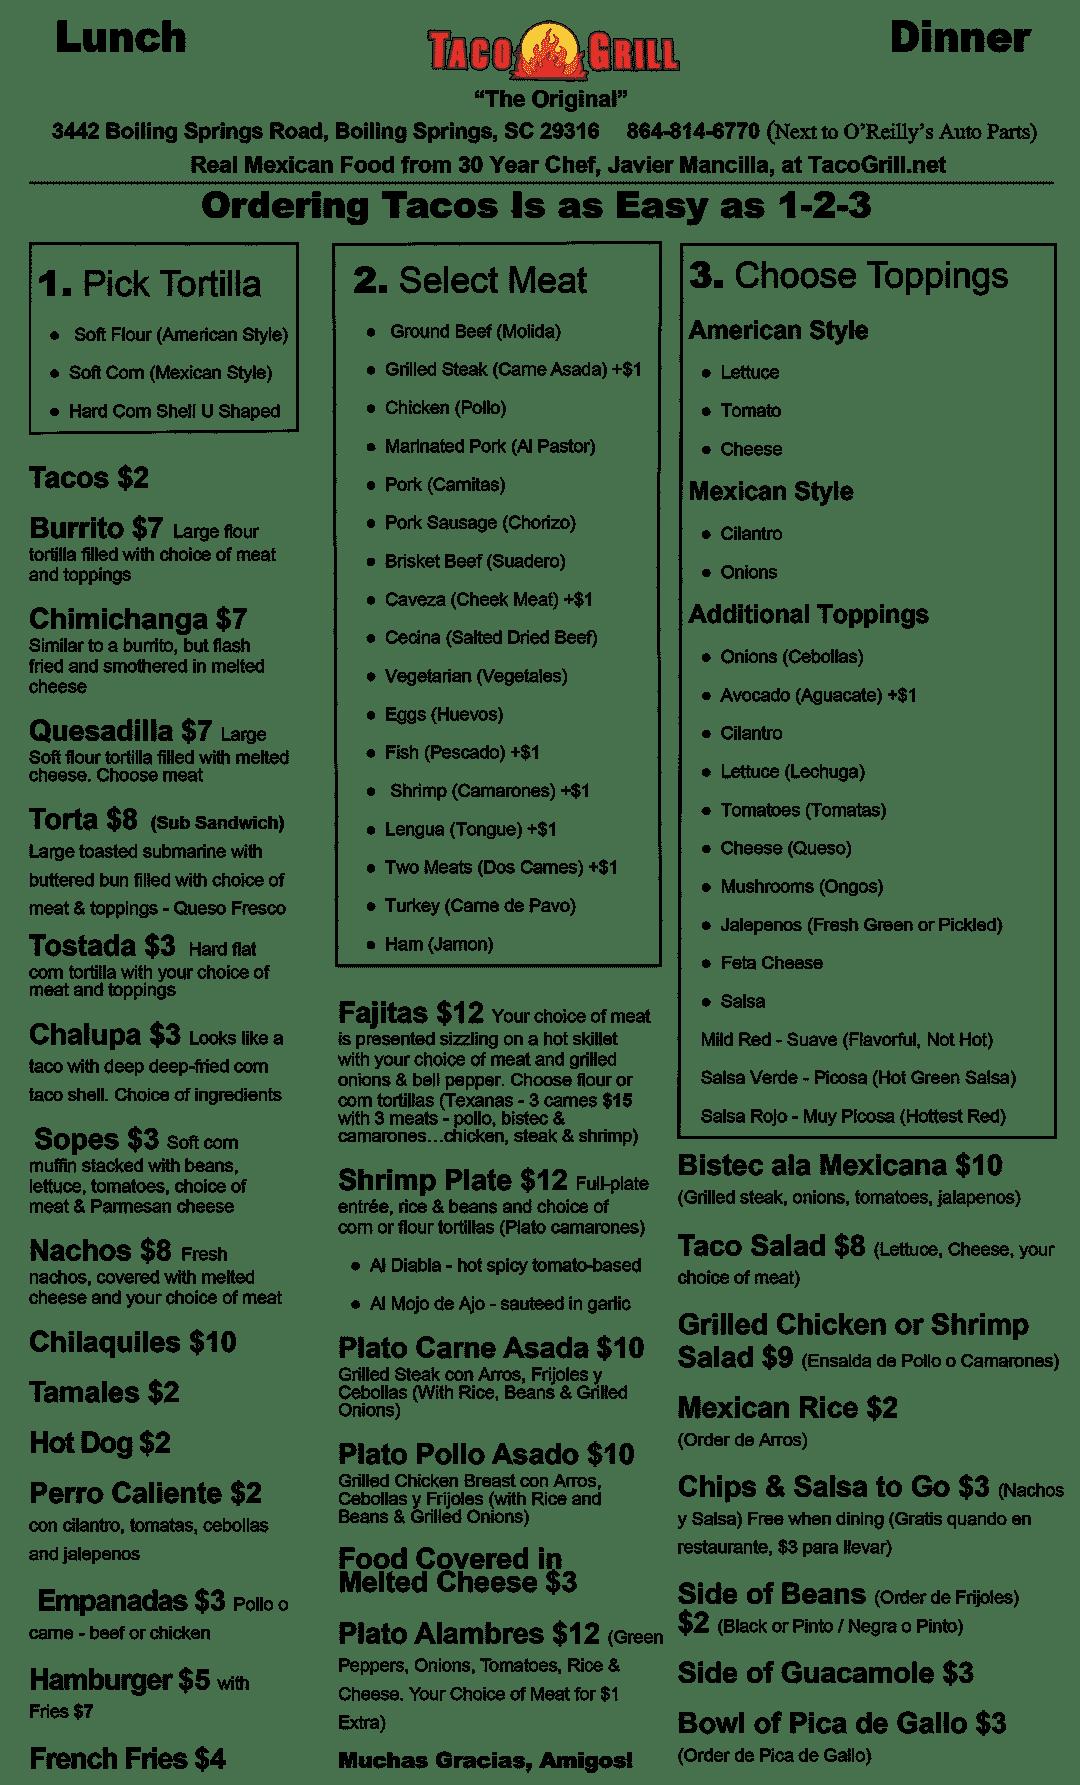 Taco Grill Menu May 15 2020